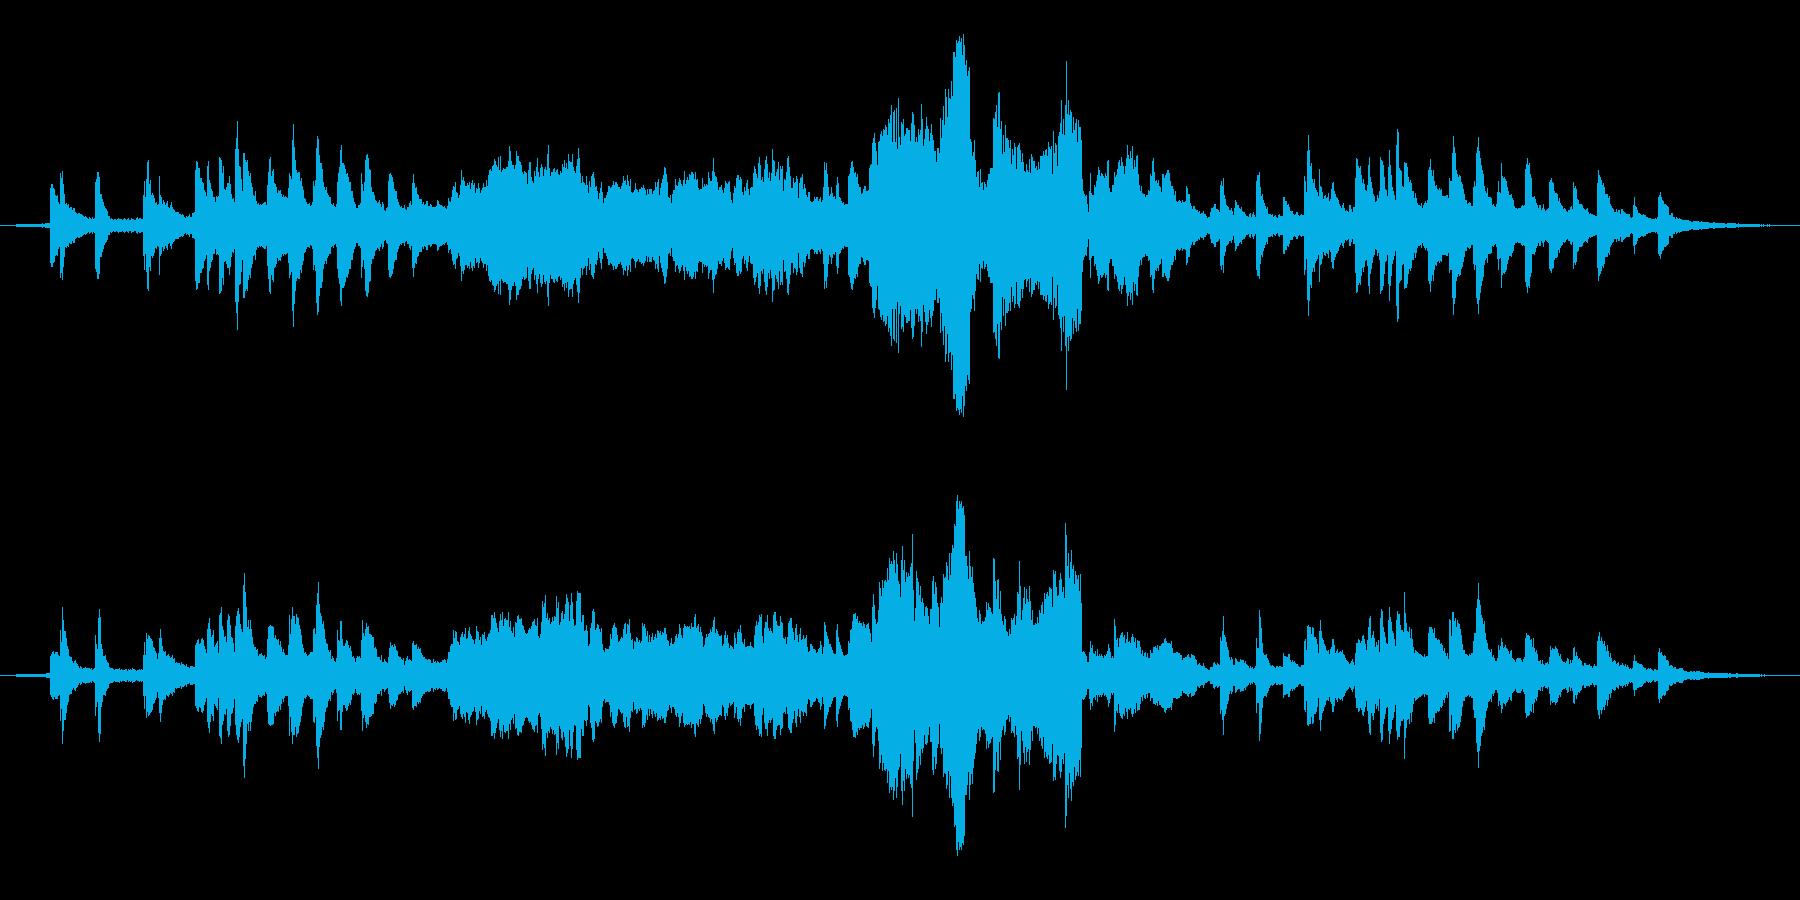 自然界の音と音楽のアンビエント作品の再生済みの波形